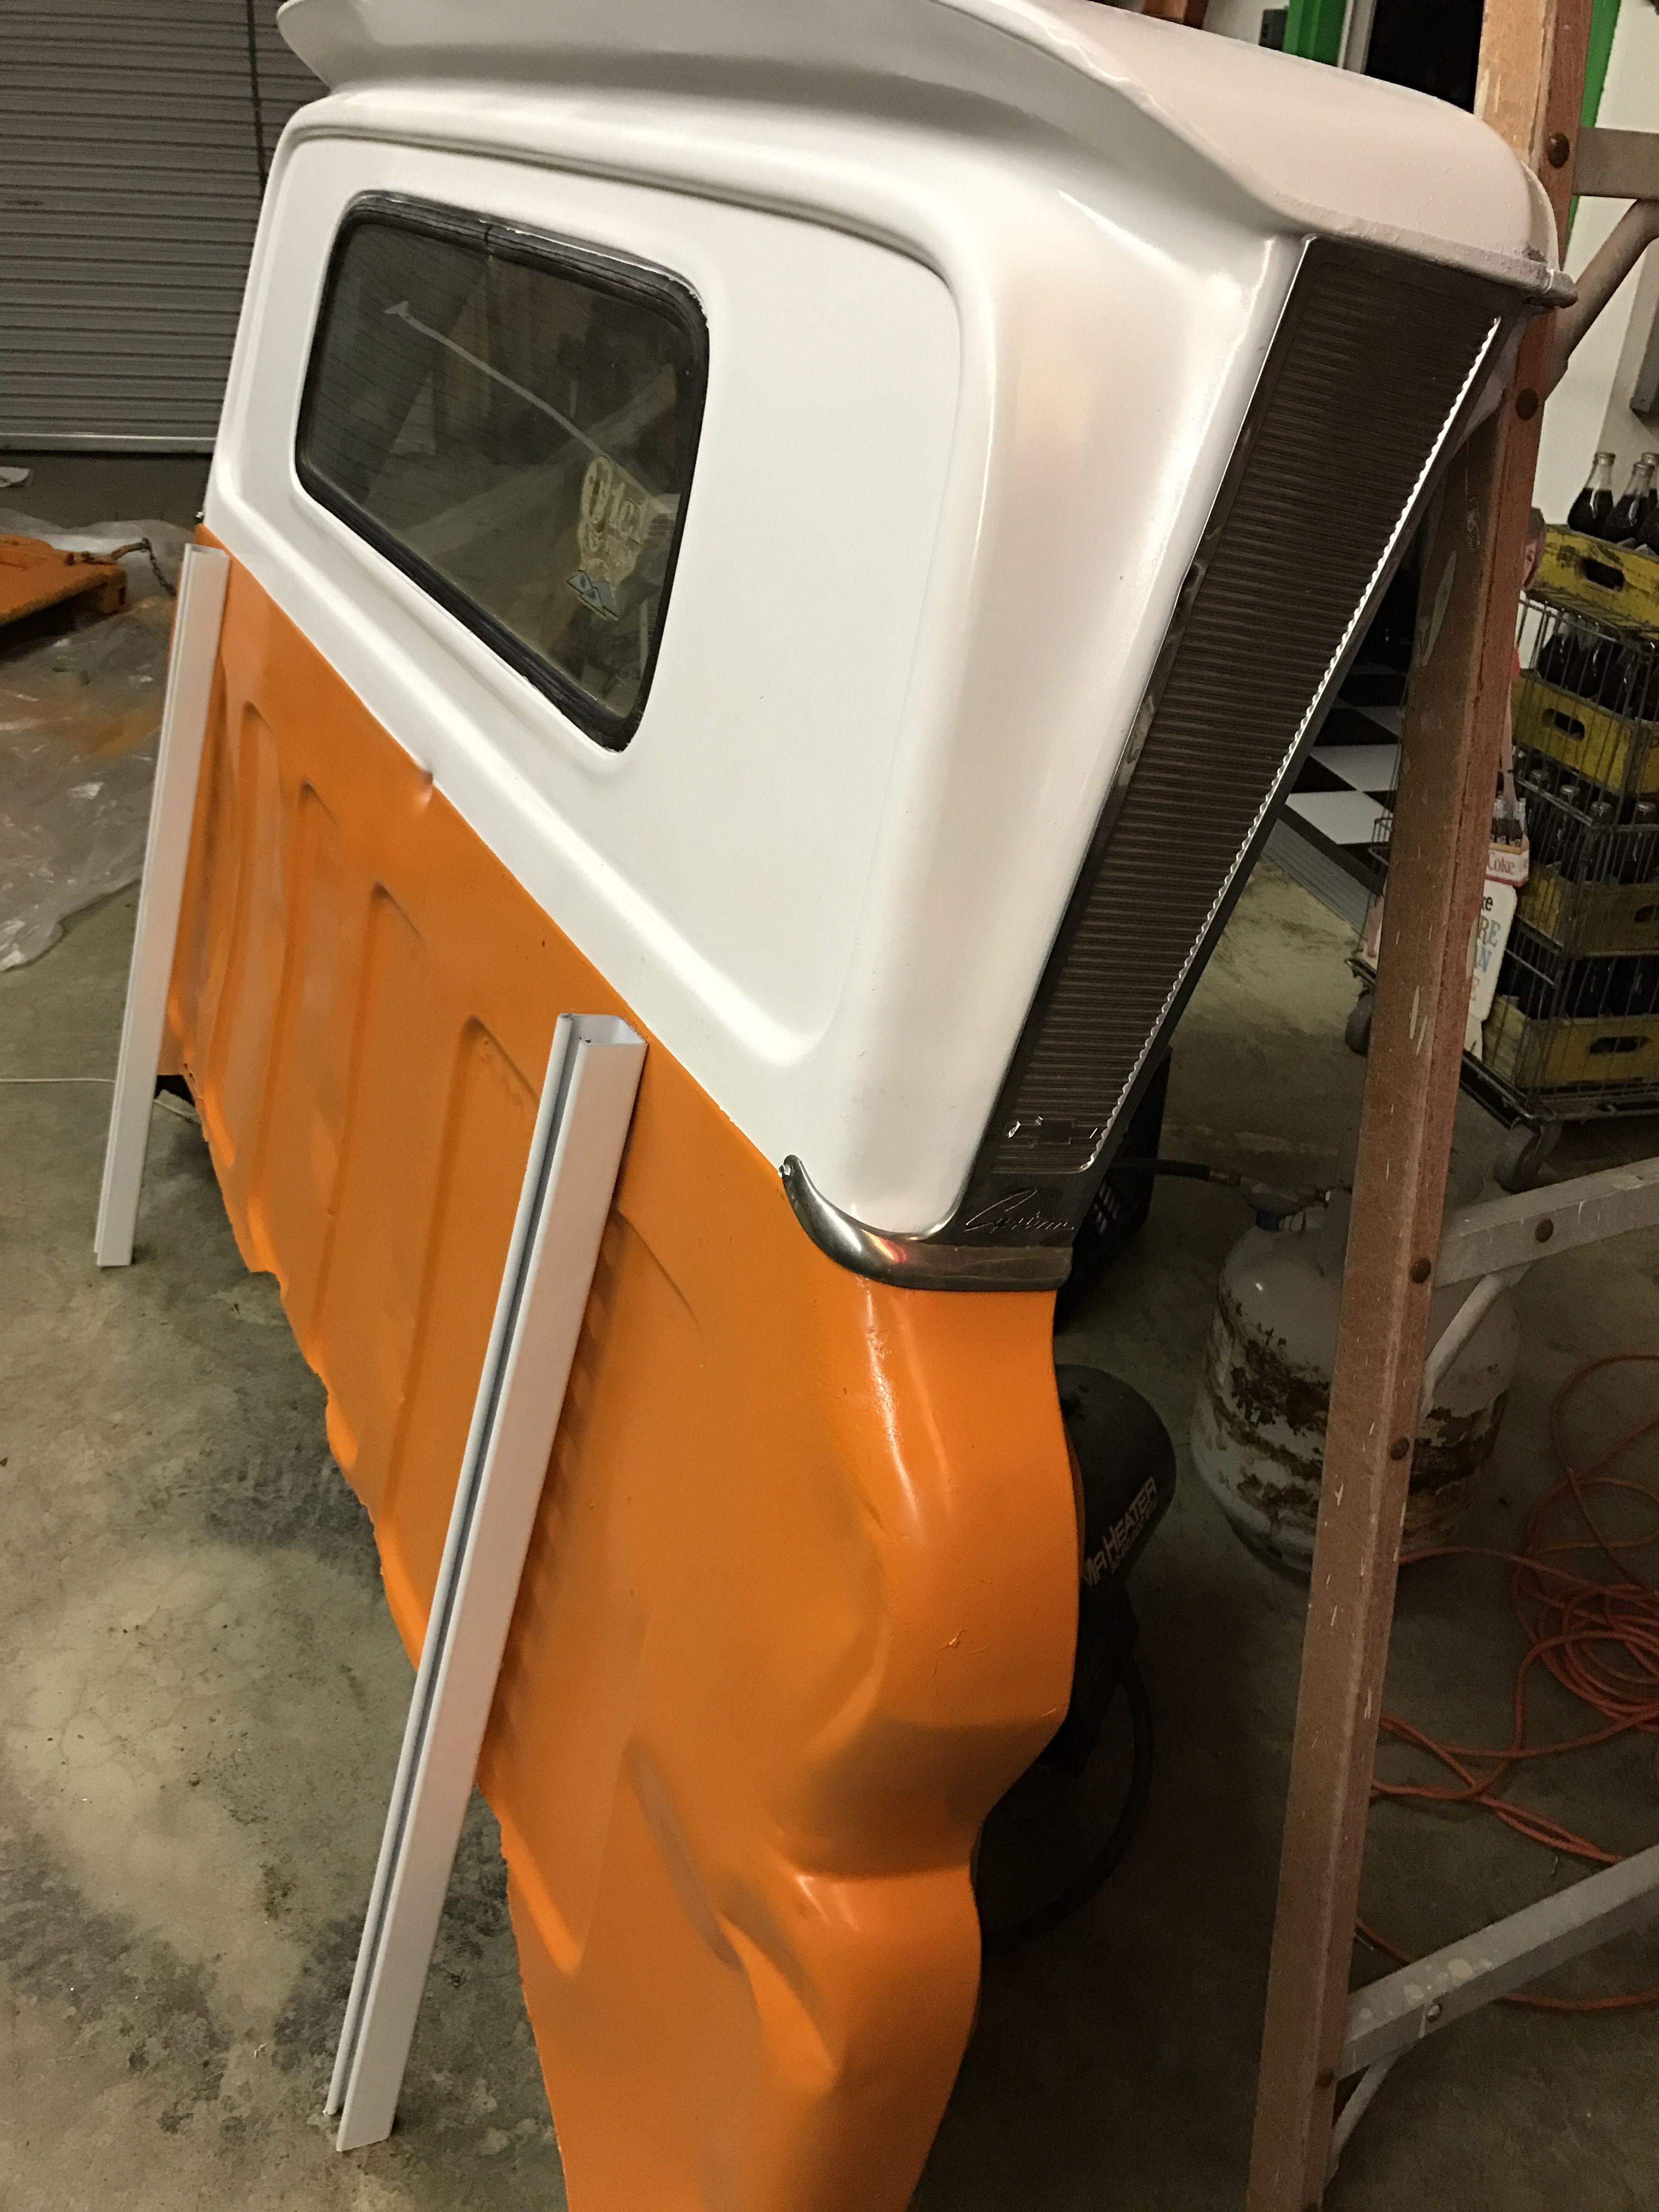 1965 Chevrolet Fleetside Queen Size in 2019 Truck bed